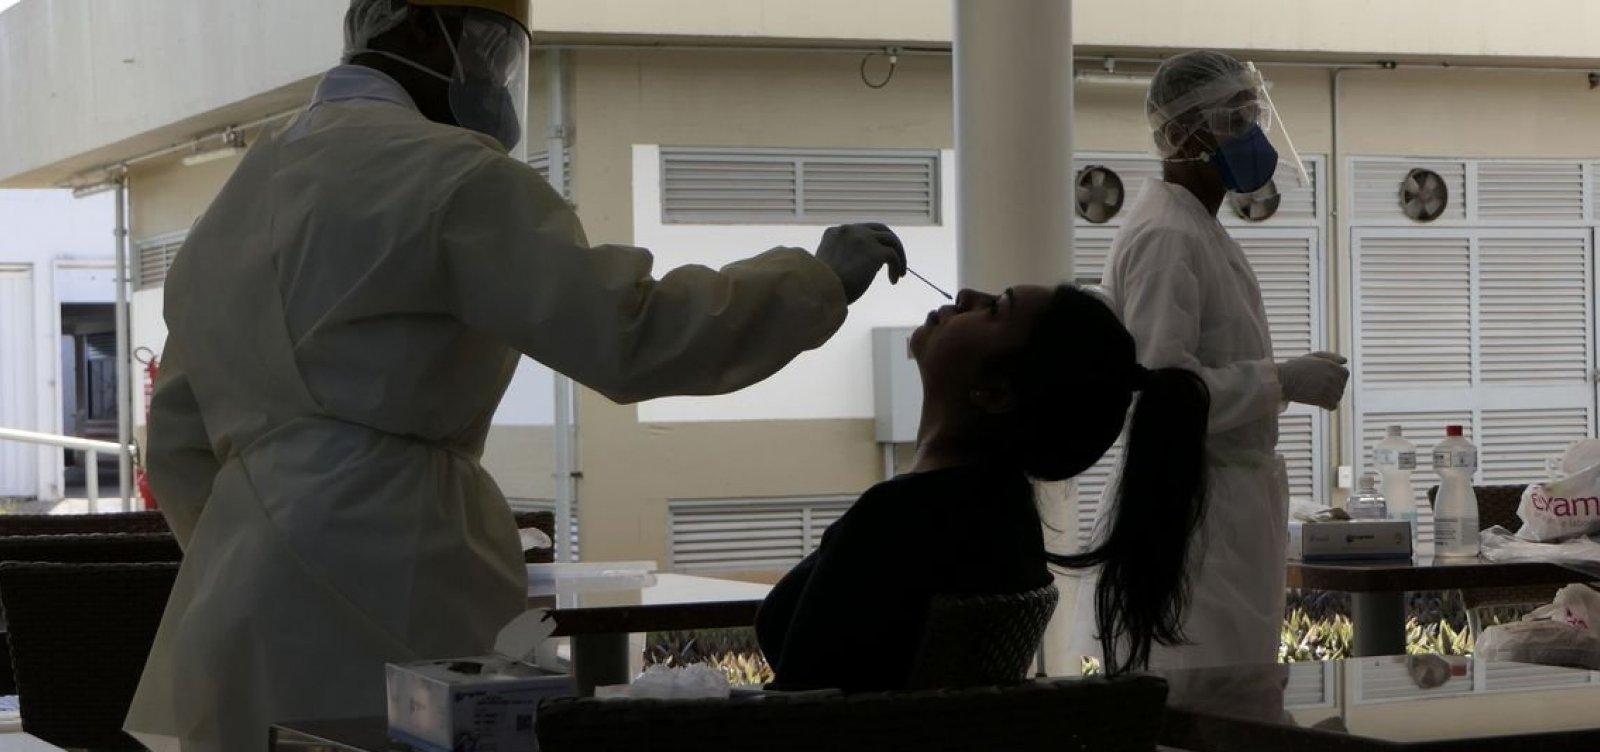 Fiocruz: aumento de casos de Covid-19 em menores de 59 anos supera 1.000%